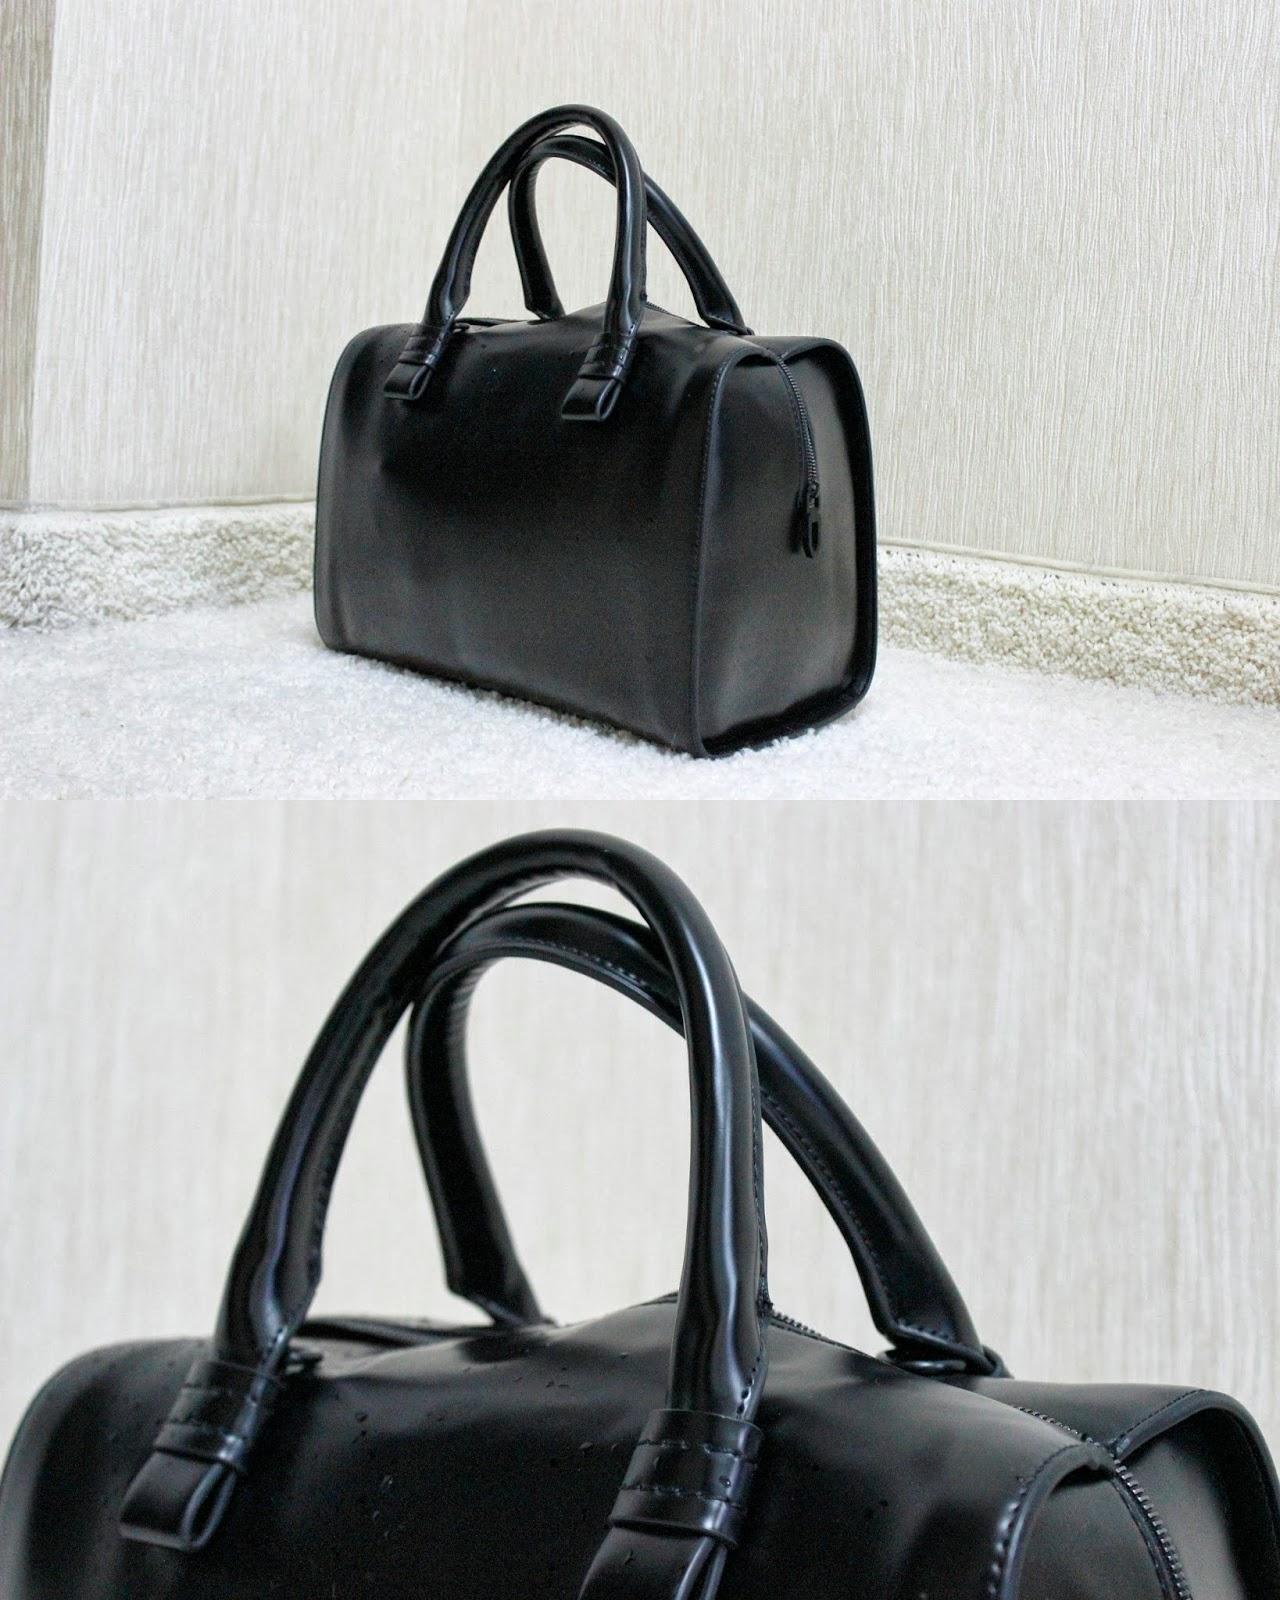 46be224205ff Сумка-саквояж Zara / Bag-valise Zara Это очень удобная, все вмещающая в  себя сумка. Когда я пришла с ней домой, мама сказала: